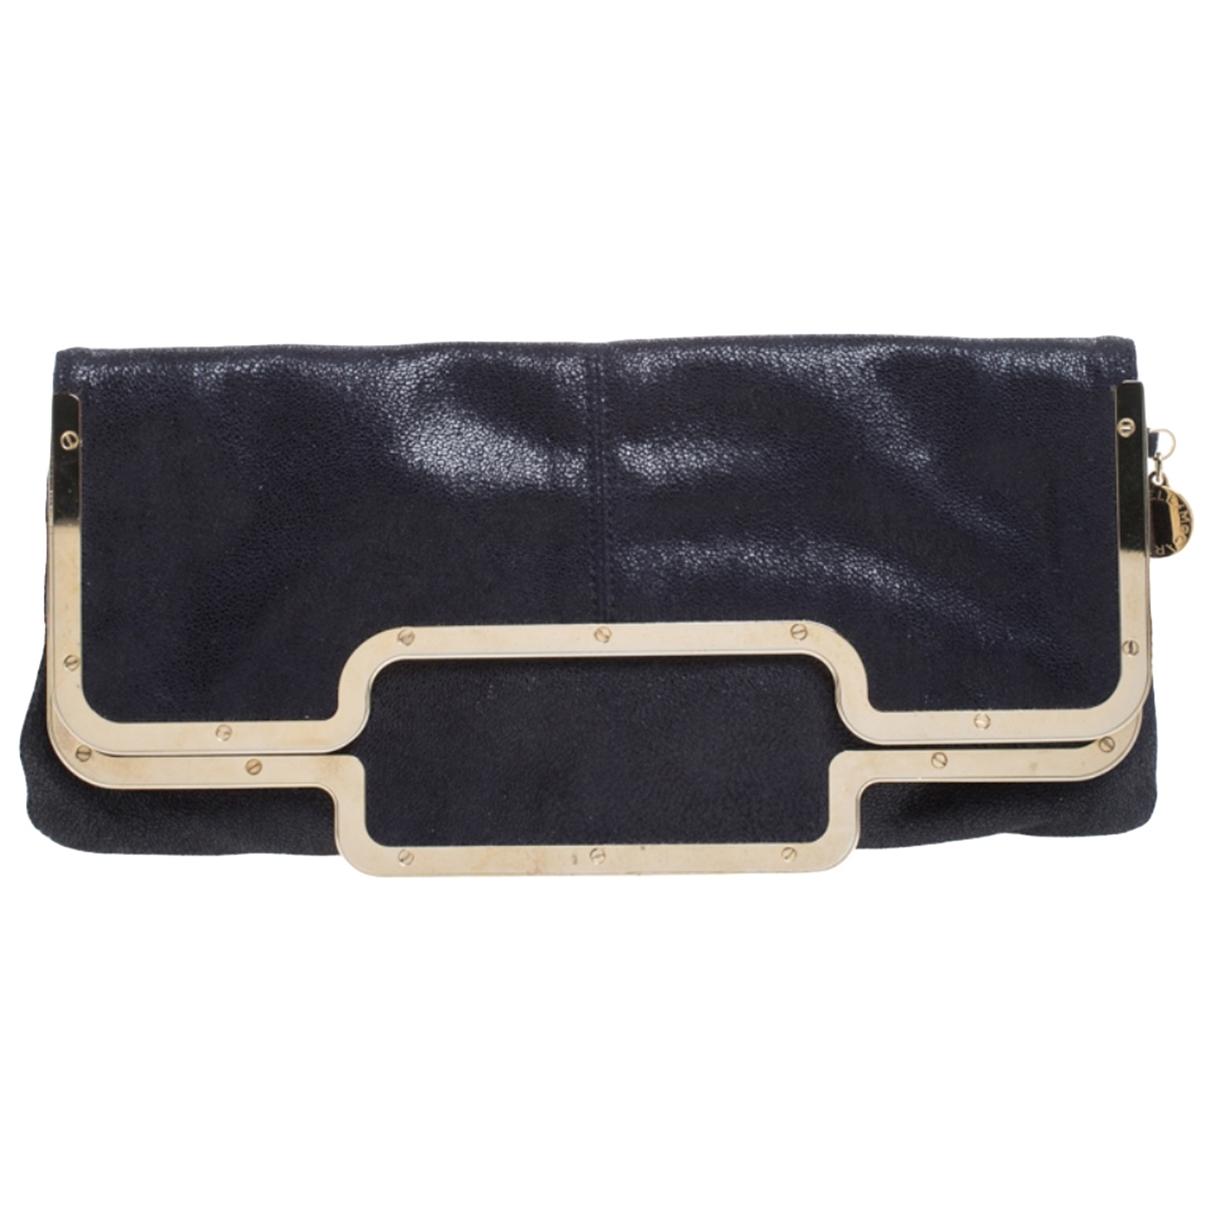 Stella Mccartney \N Black Leather Clutch bag for Women \N